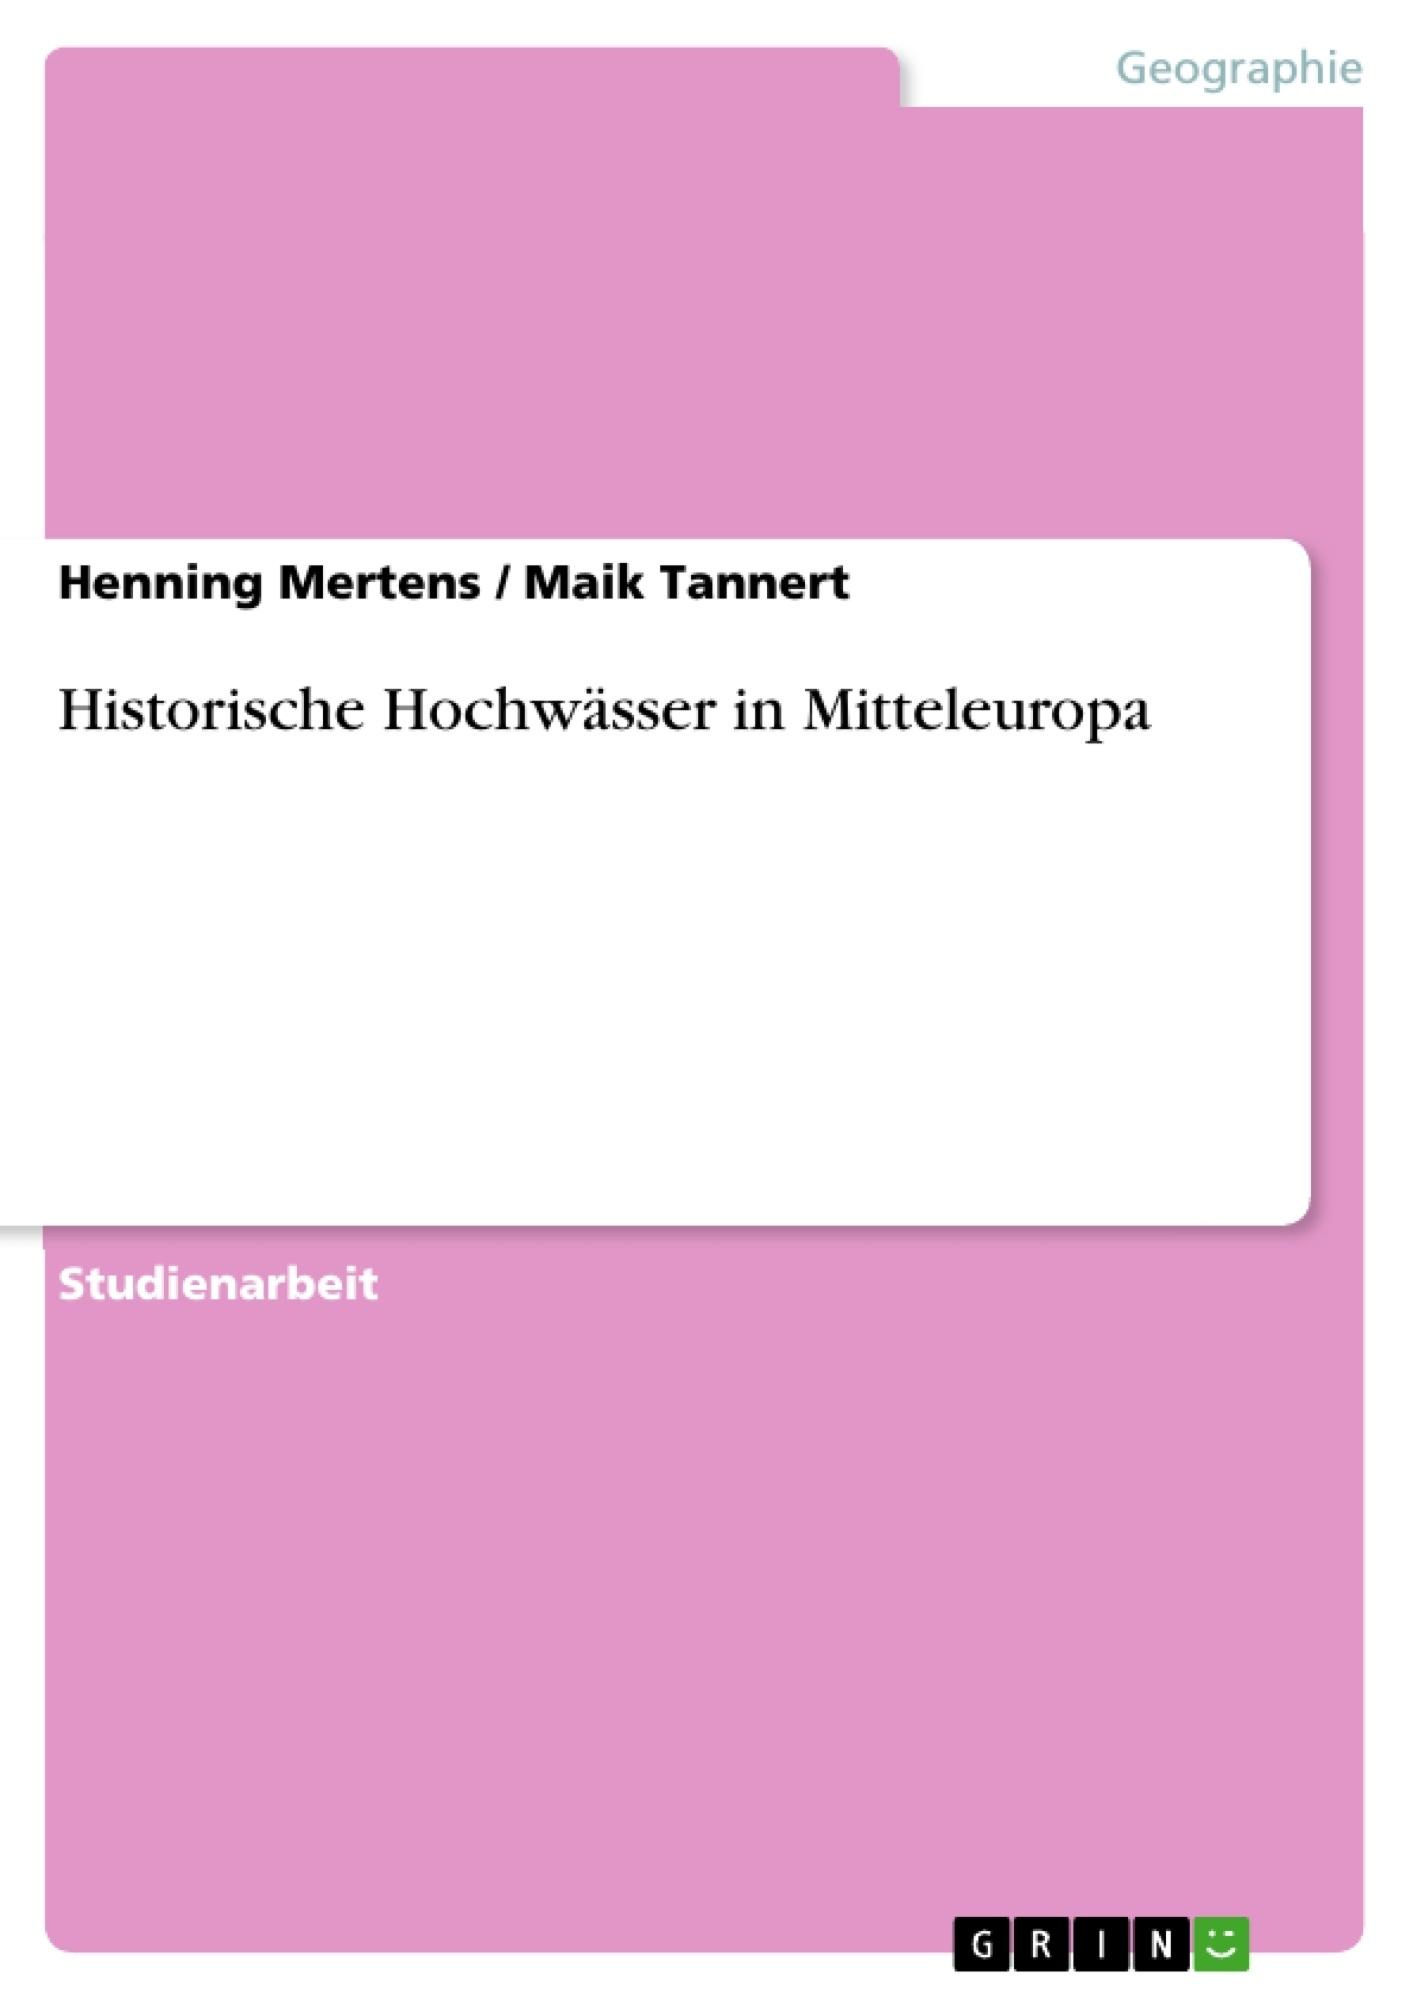 Titel: Historische Hochwässer in Mitteleuropa